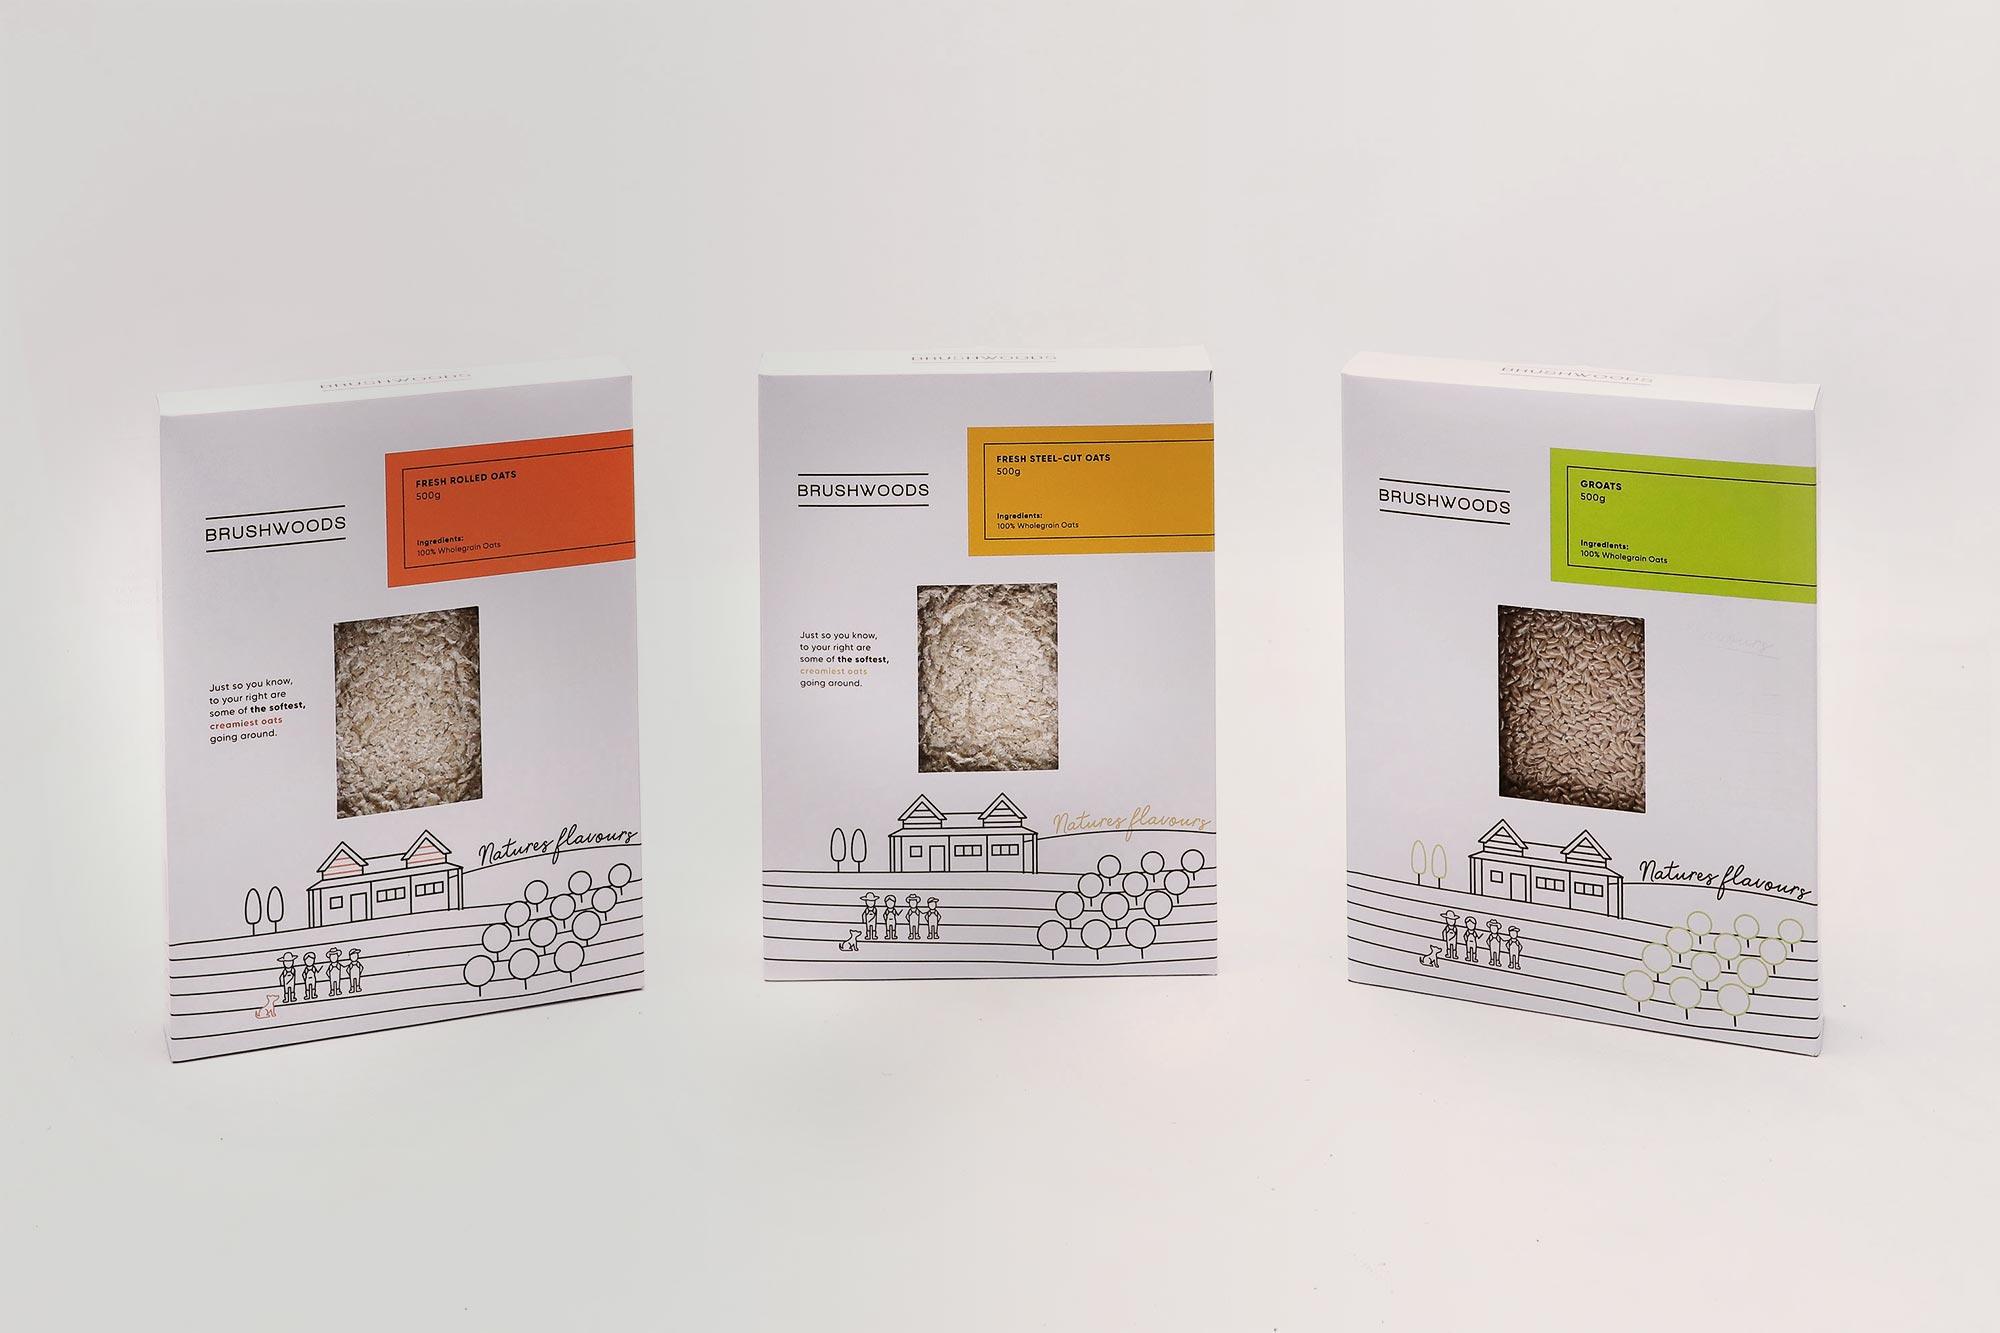 BrushwoodsOats_packaging-design_Set